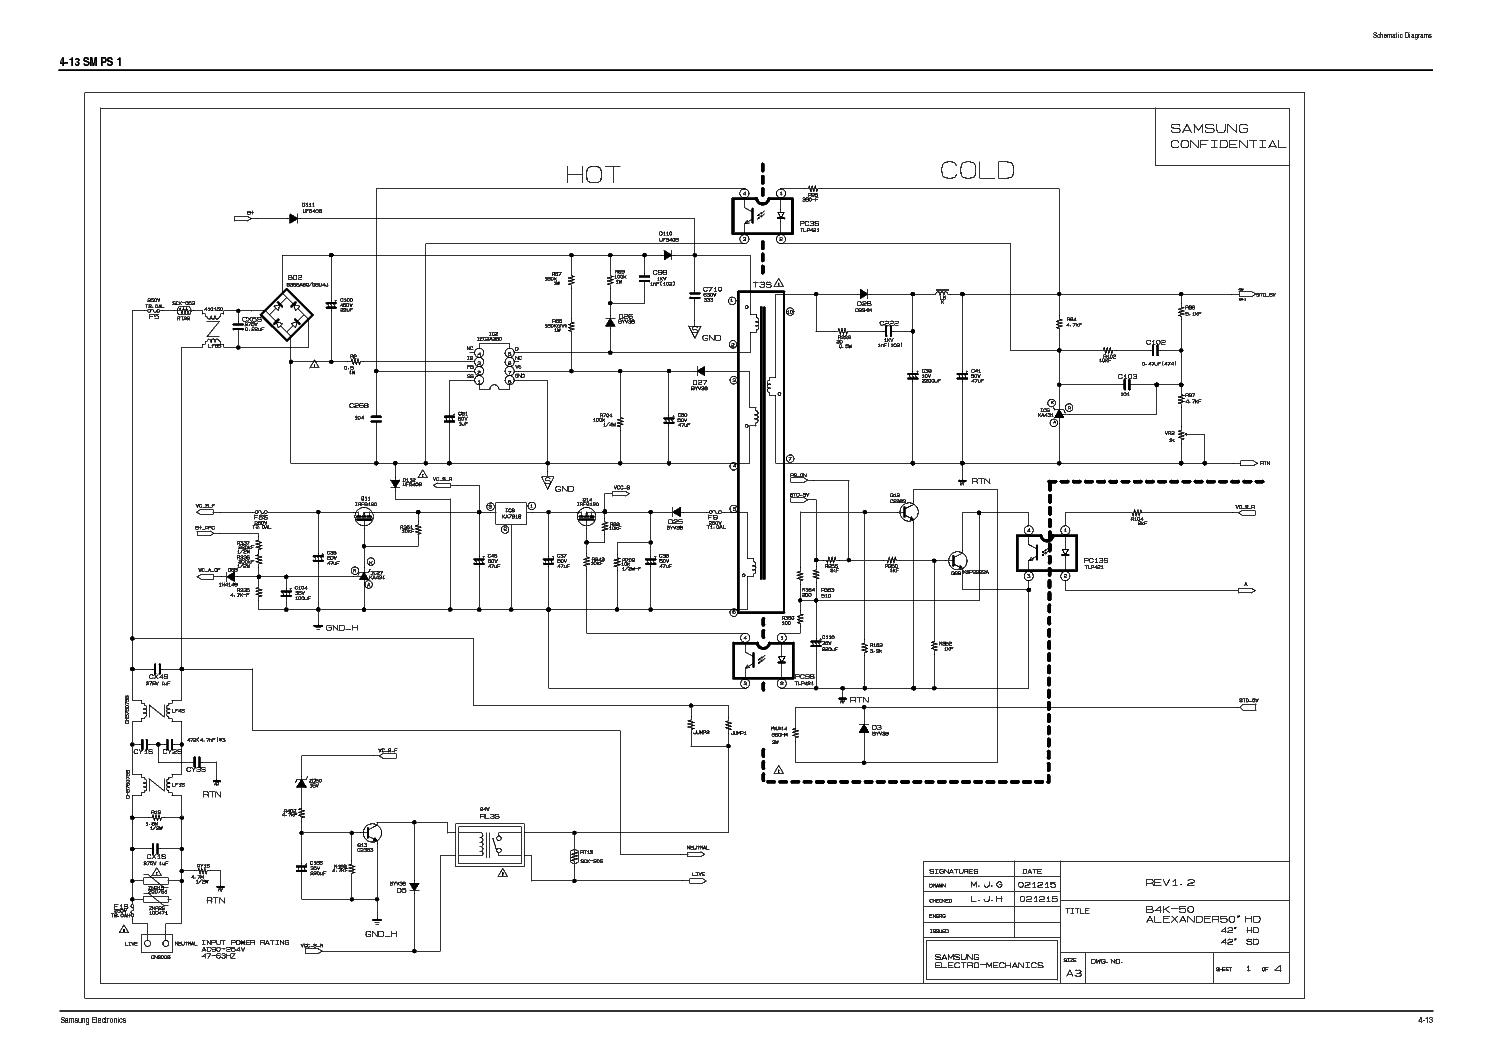 Samsung Smart Inverter Wiring Diagram Diagrams Tv Power Supply Schematic Circuit Schematics Elsavadorla Solar Transfer Switch